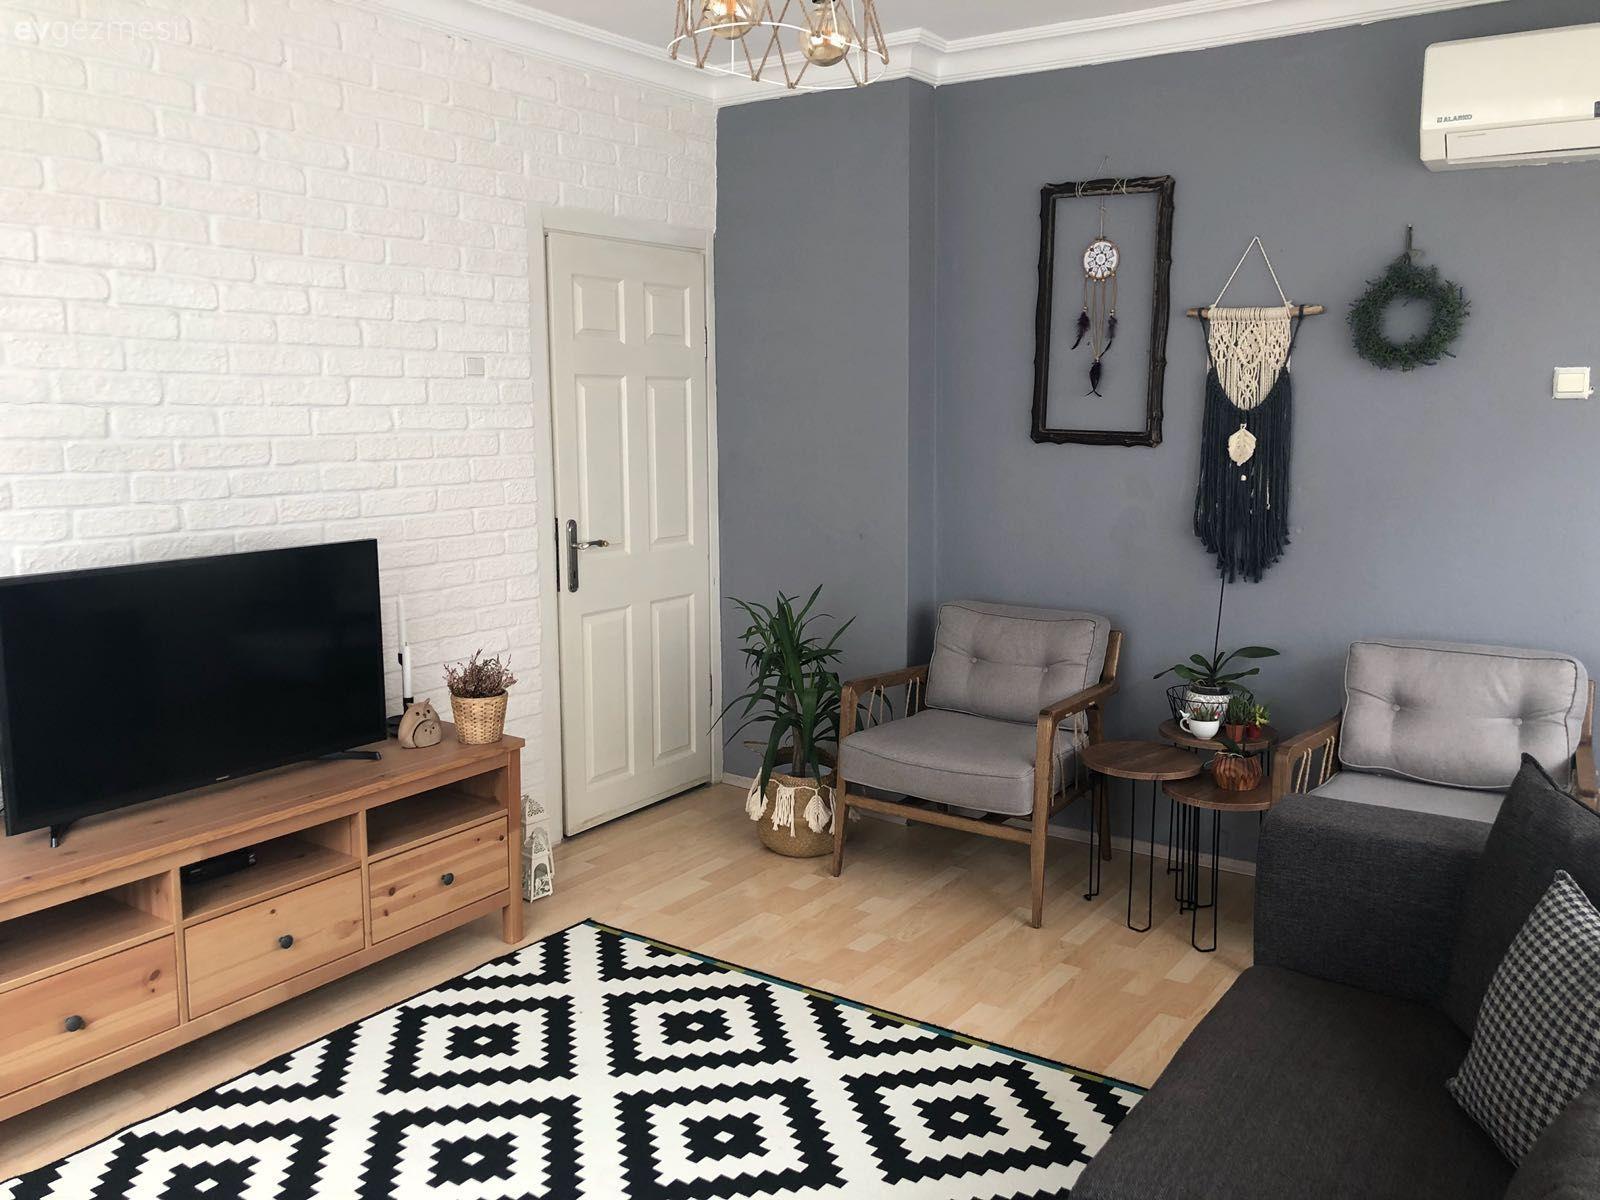 Renkli Bir Ortamdan Sade Ve Dogal Dekora Leyla Hanimin Evinin Yeni Tasarimi Ev Gezmesi Ikea Oturma Odasi Oturma Odasi Dekorasyonu Oturma Odasi Fikirleri